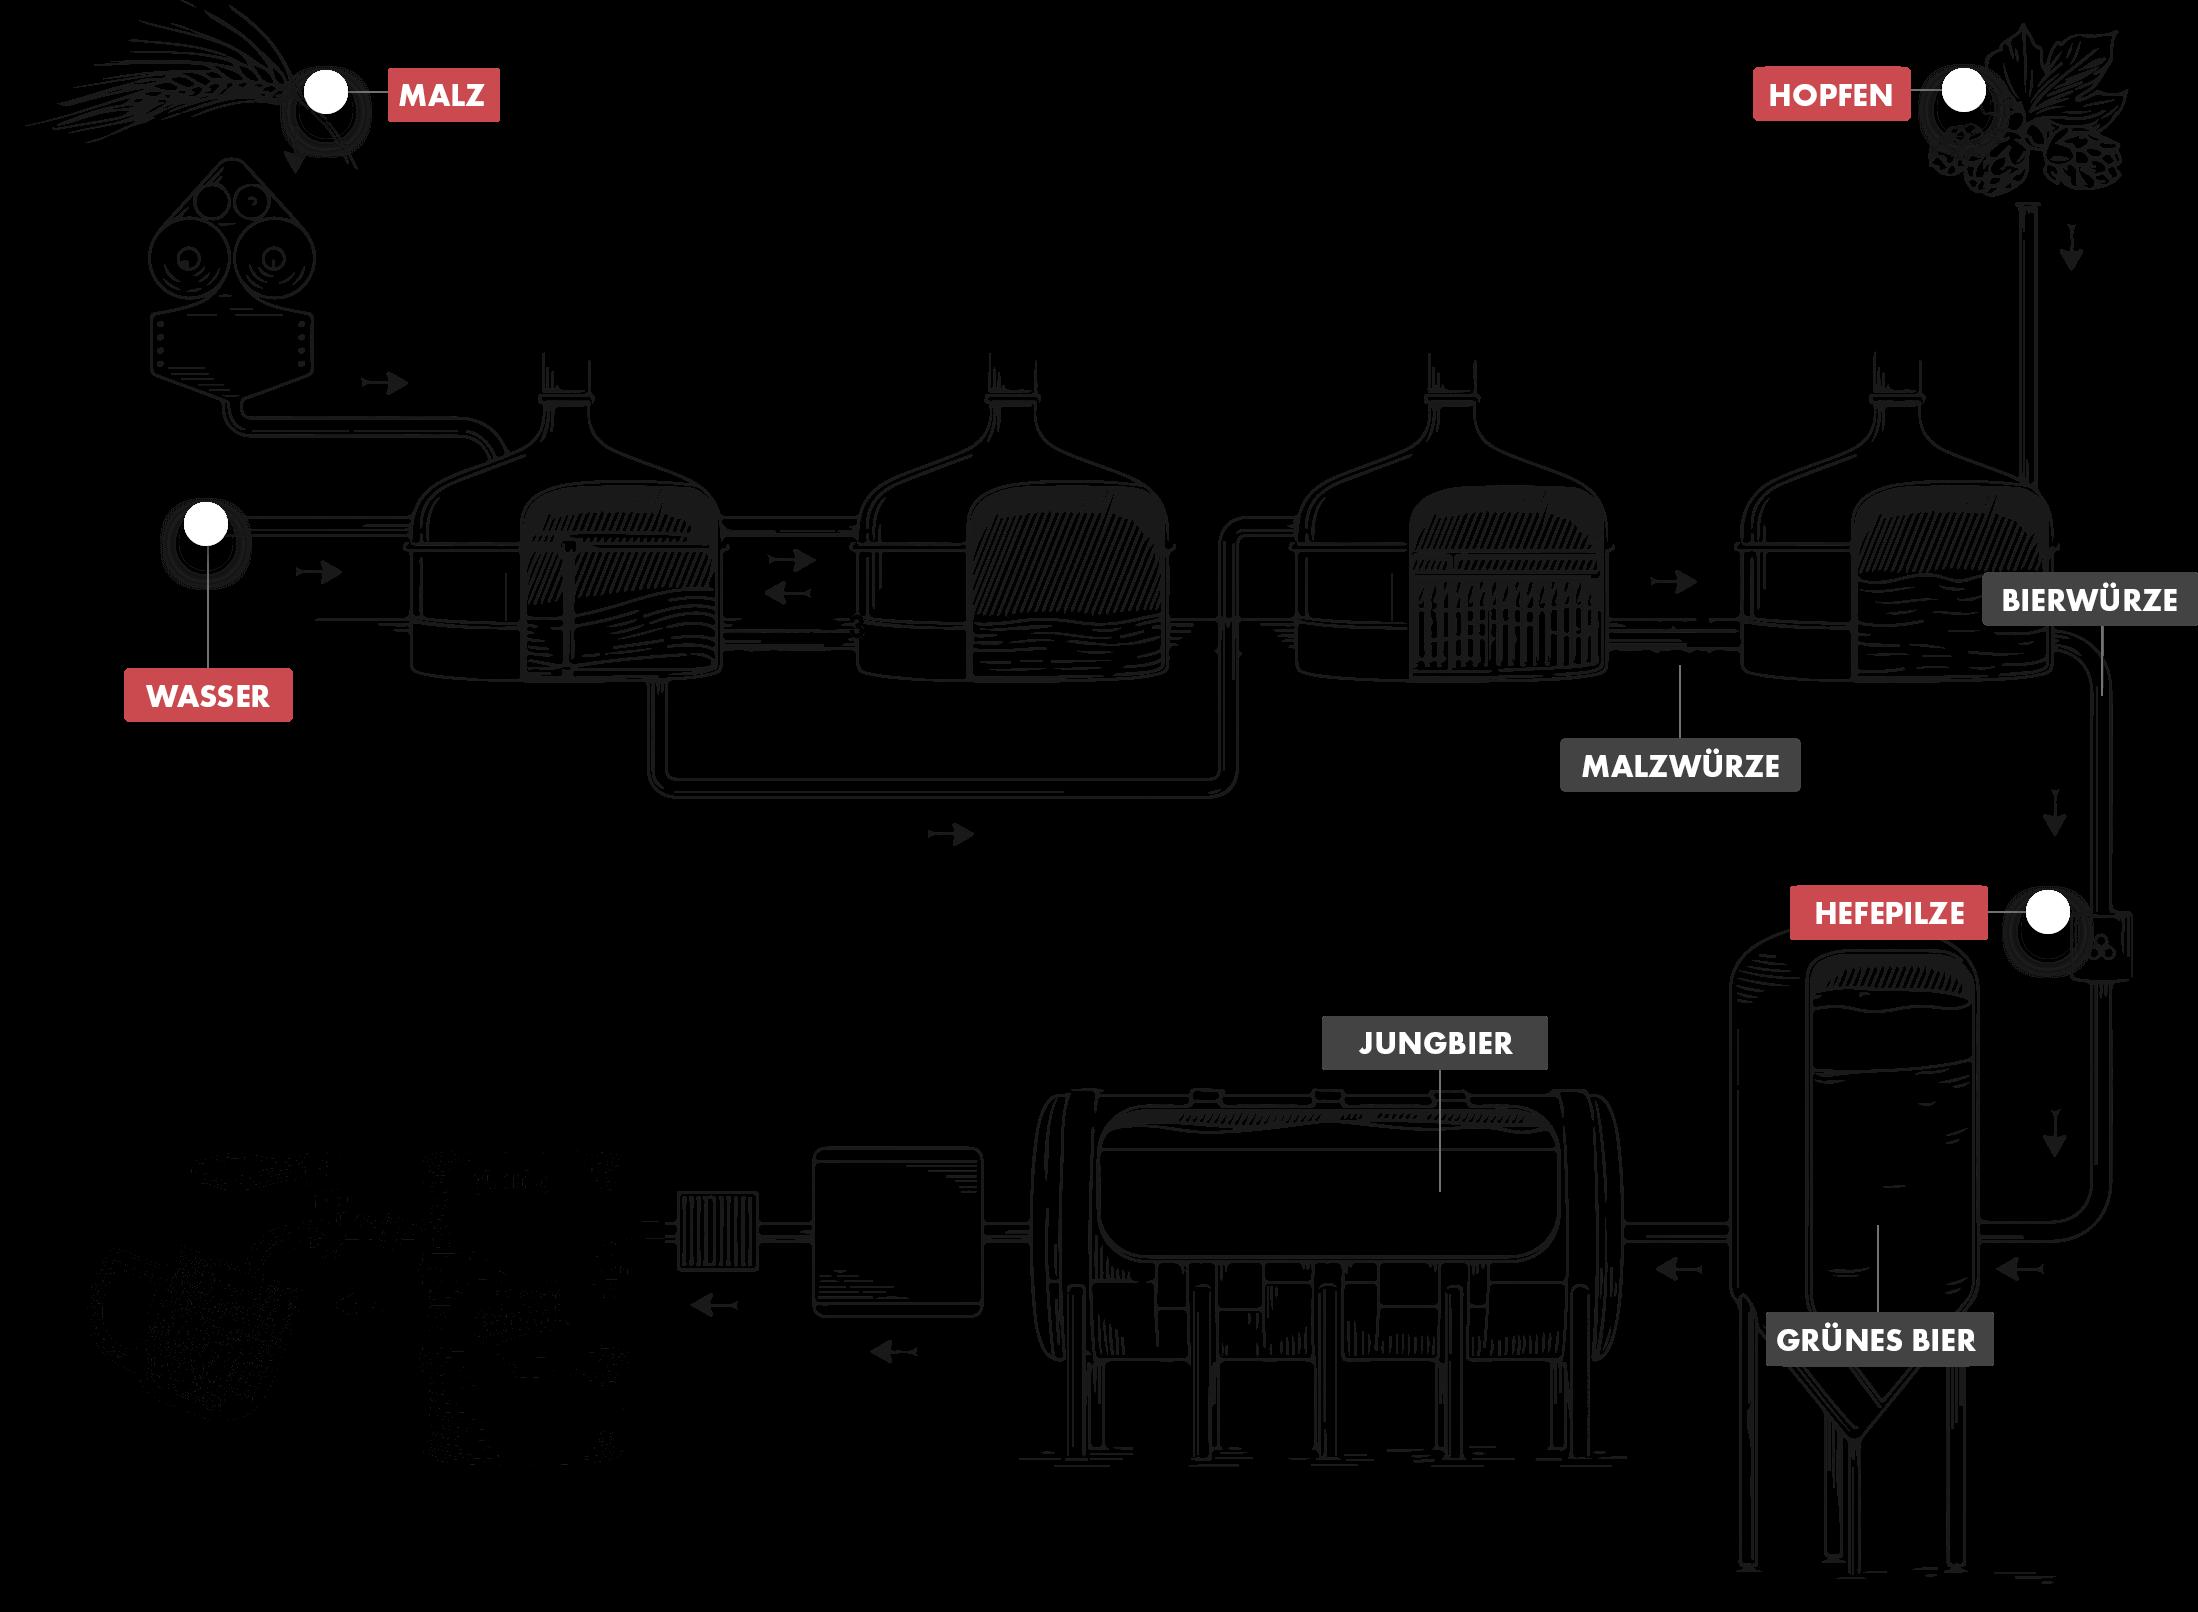 Das Bild beschreibt die Herstellung von Bier